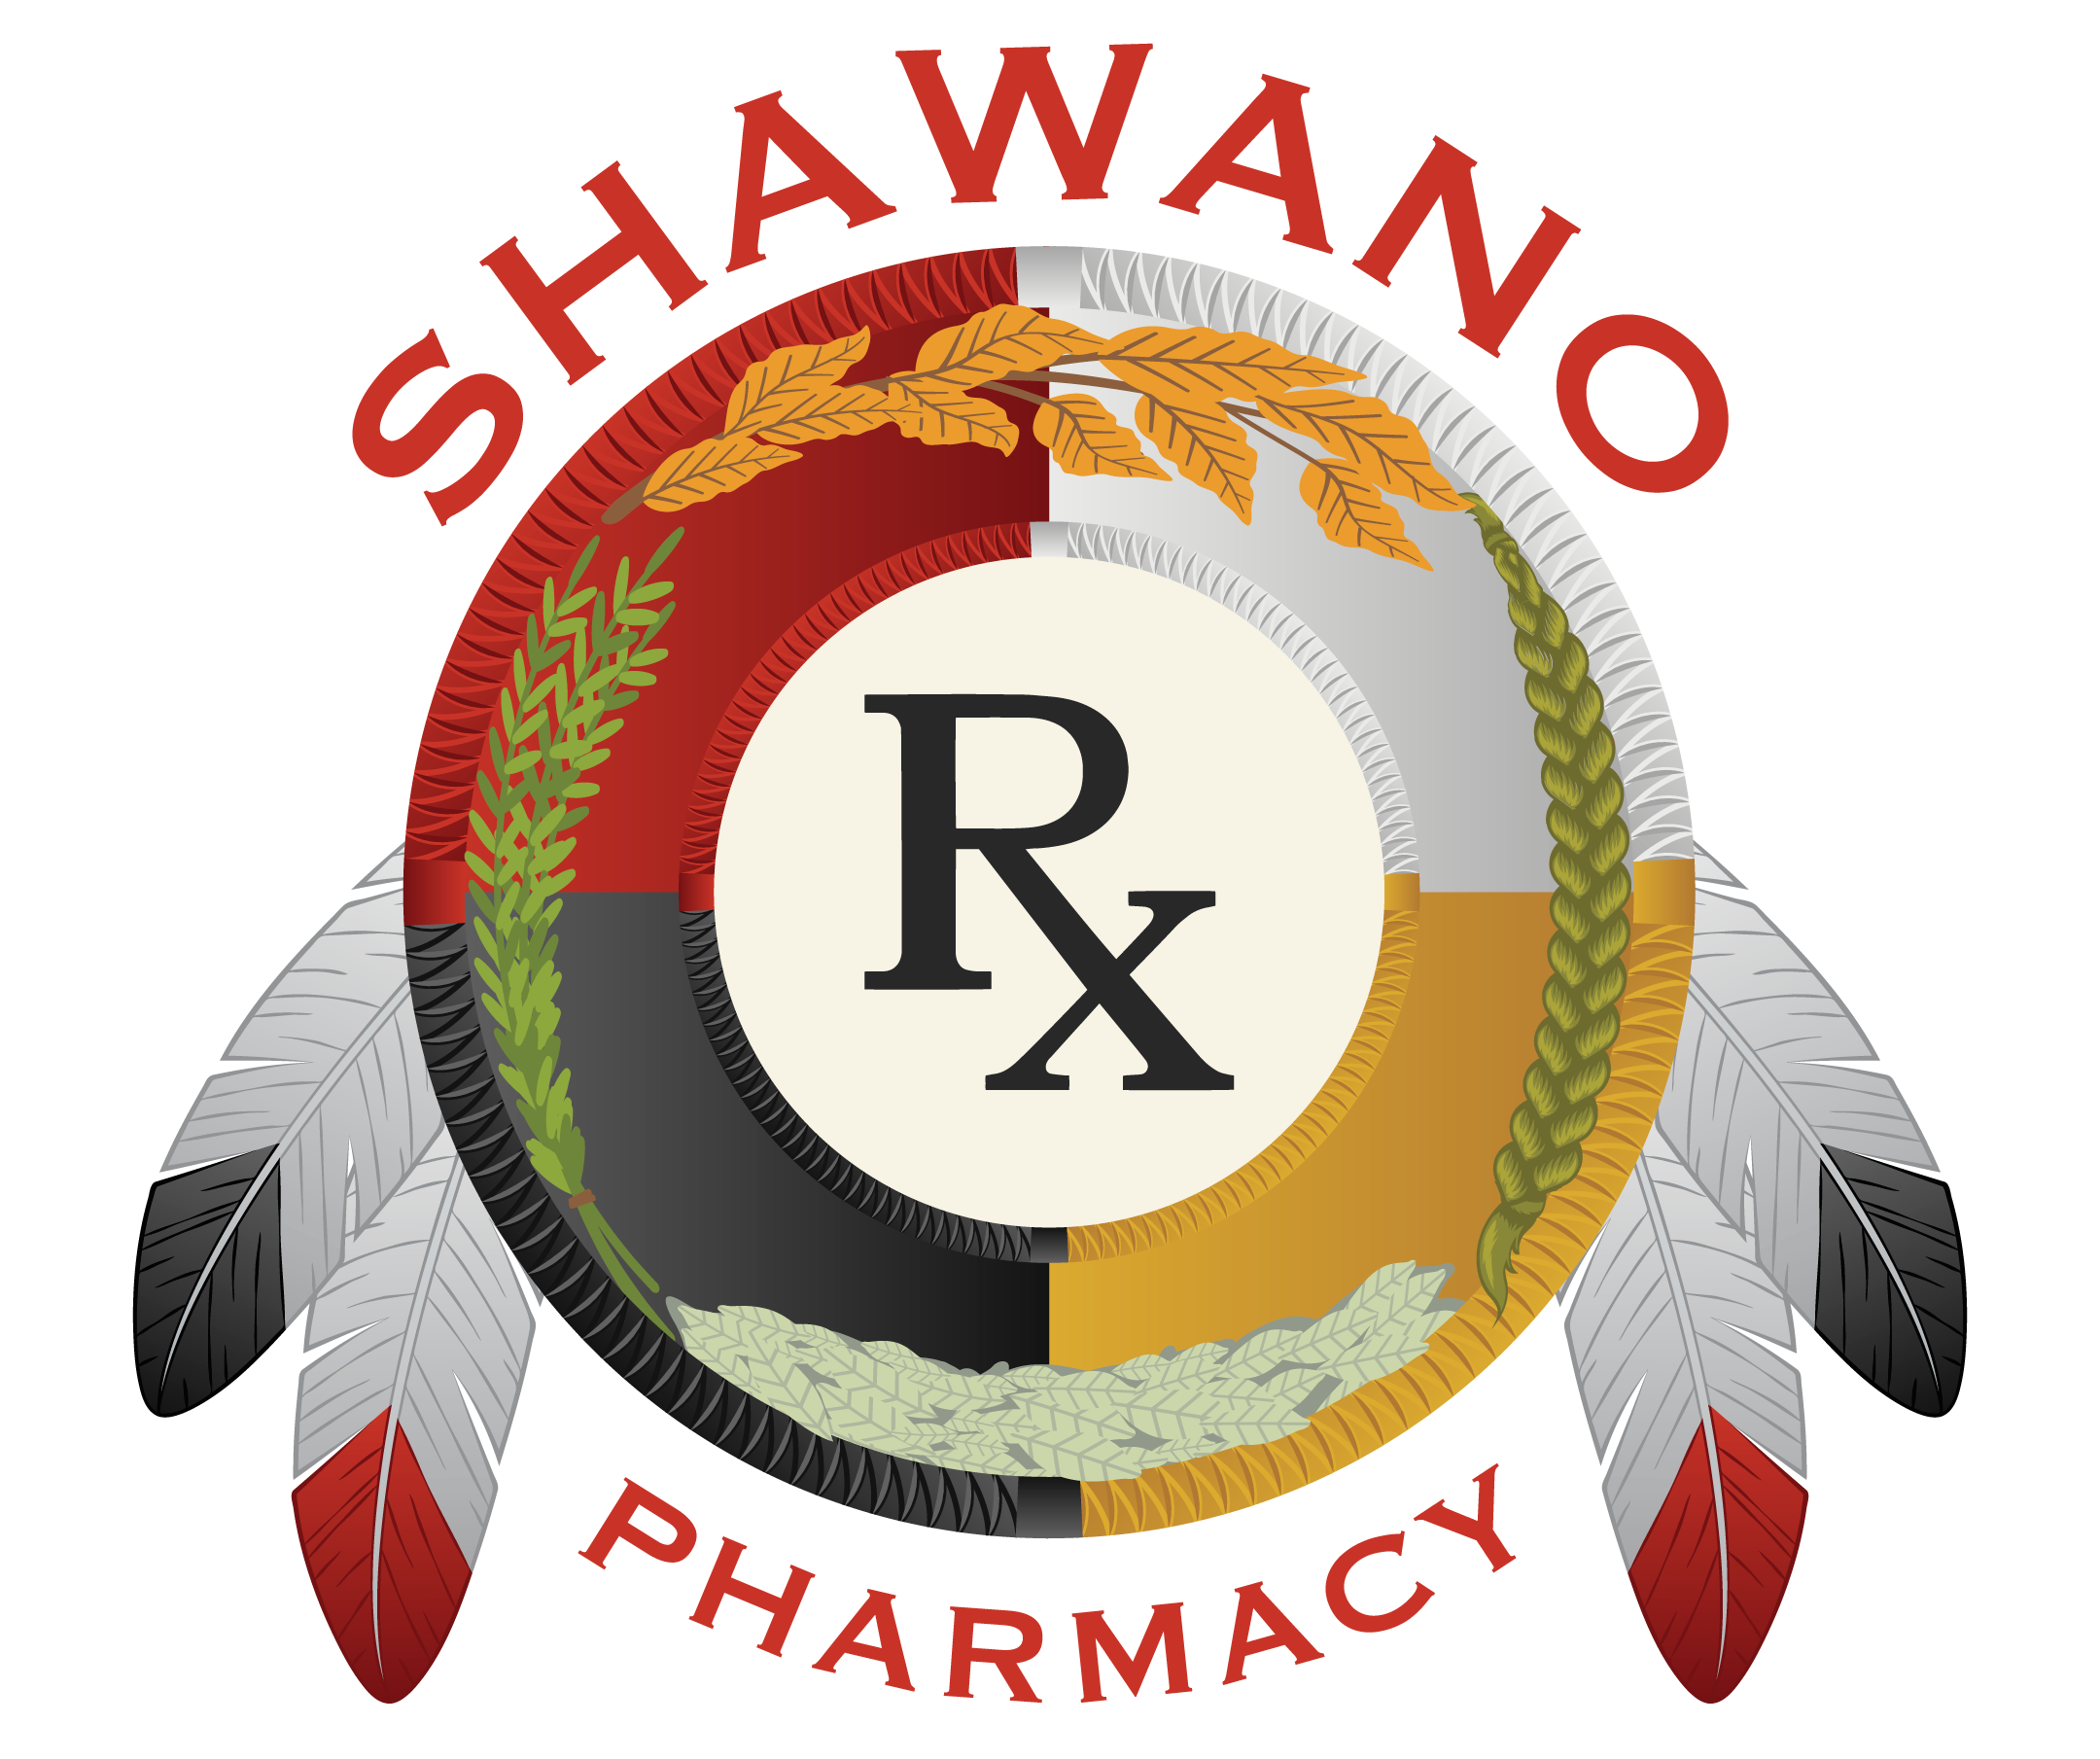 SHAWANO PHARMACY